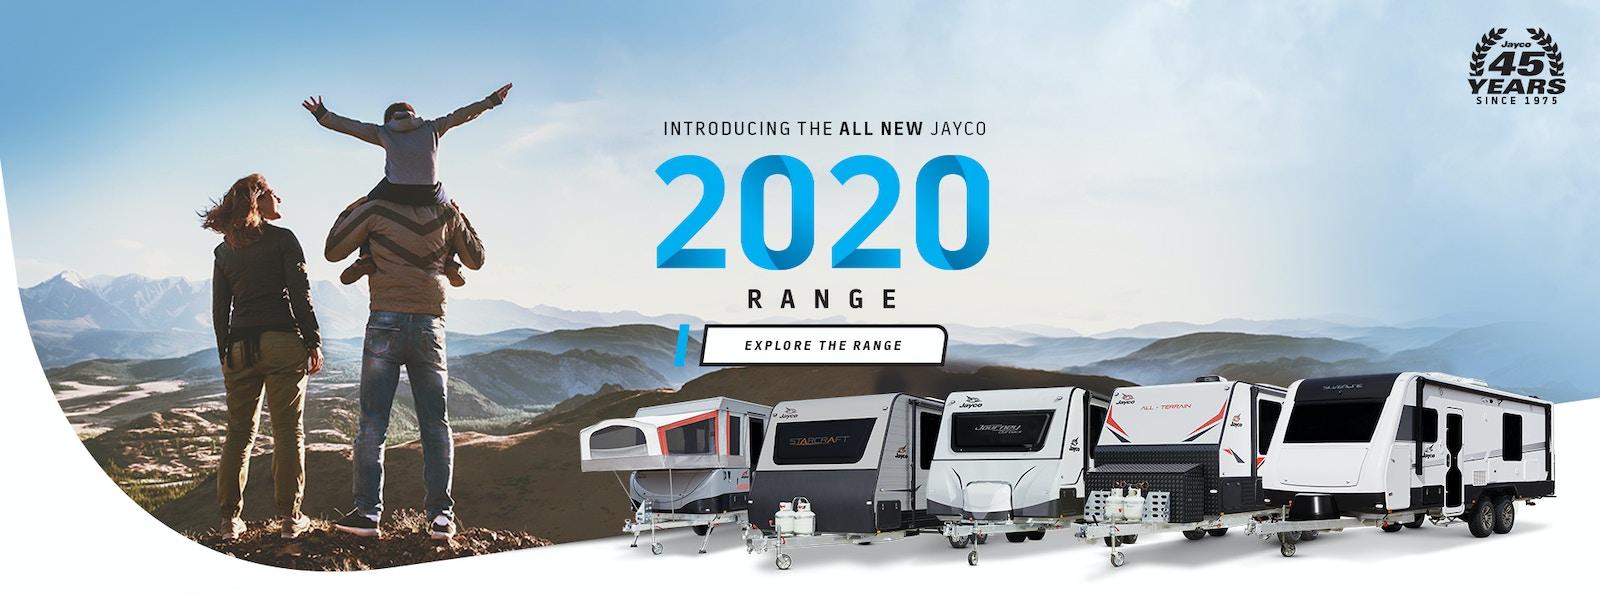 2020 Range